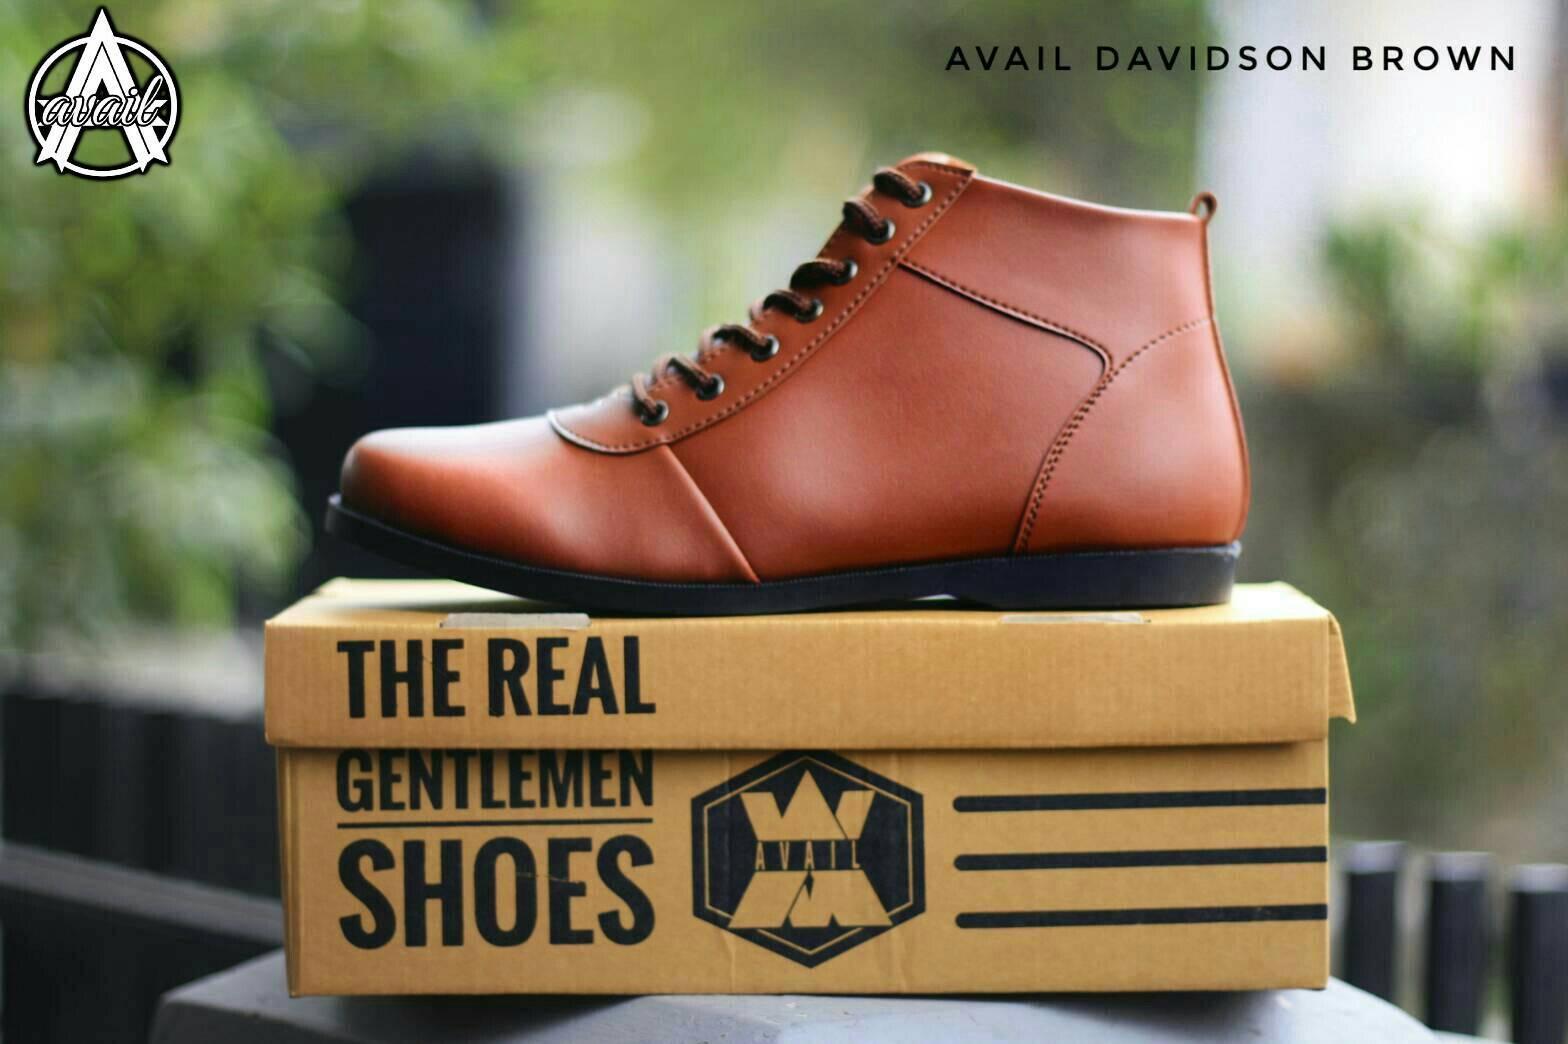 Jual Pembalut Avail Terlengkap Termurah Day Use Biru Siang Herbal Boots Karet